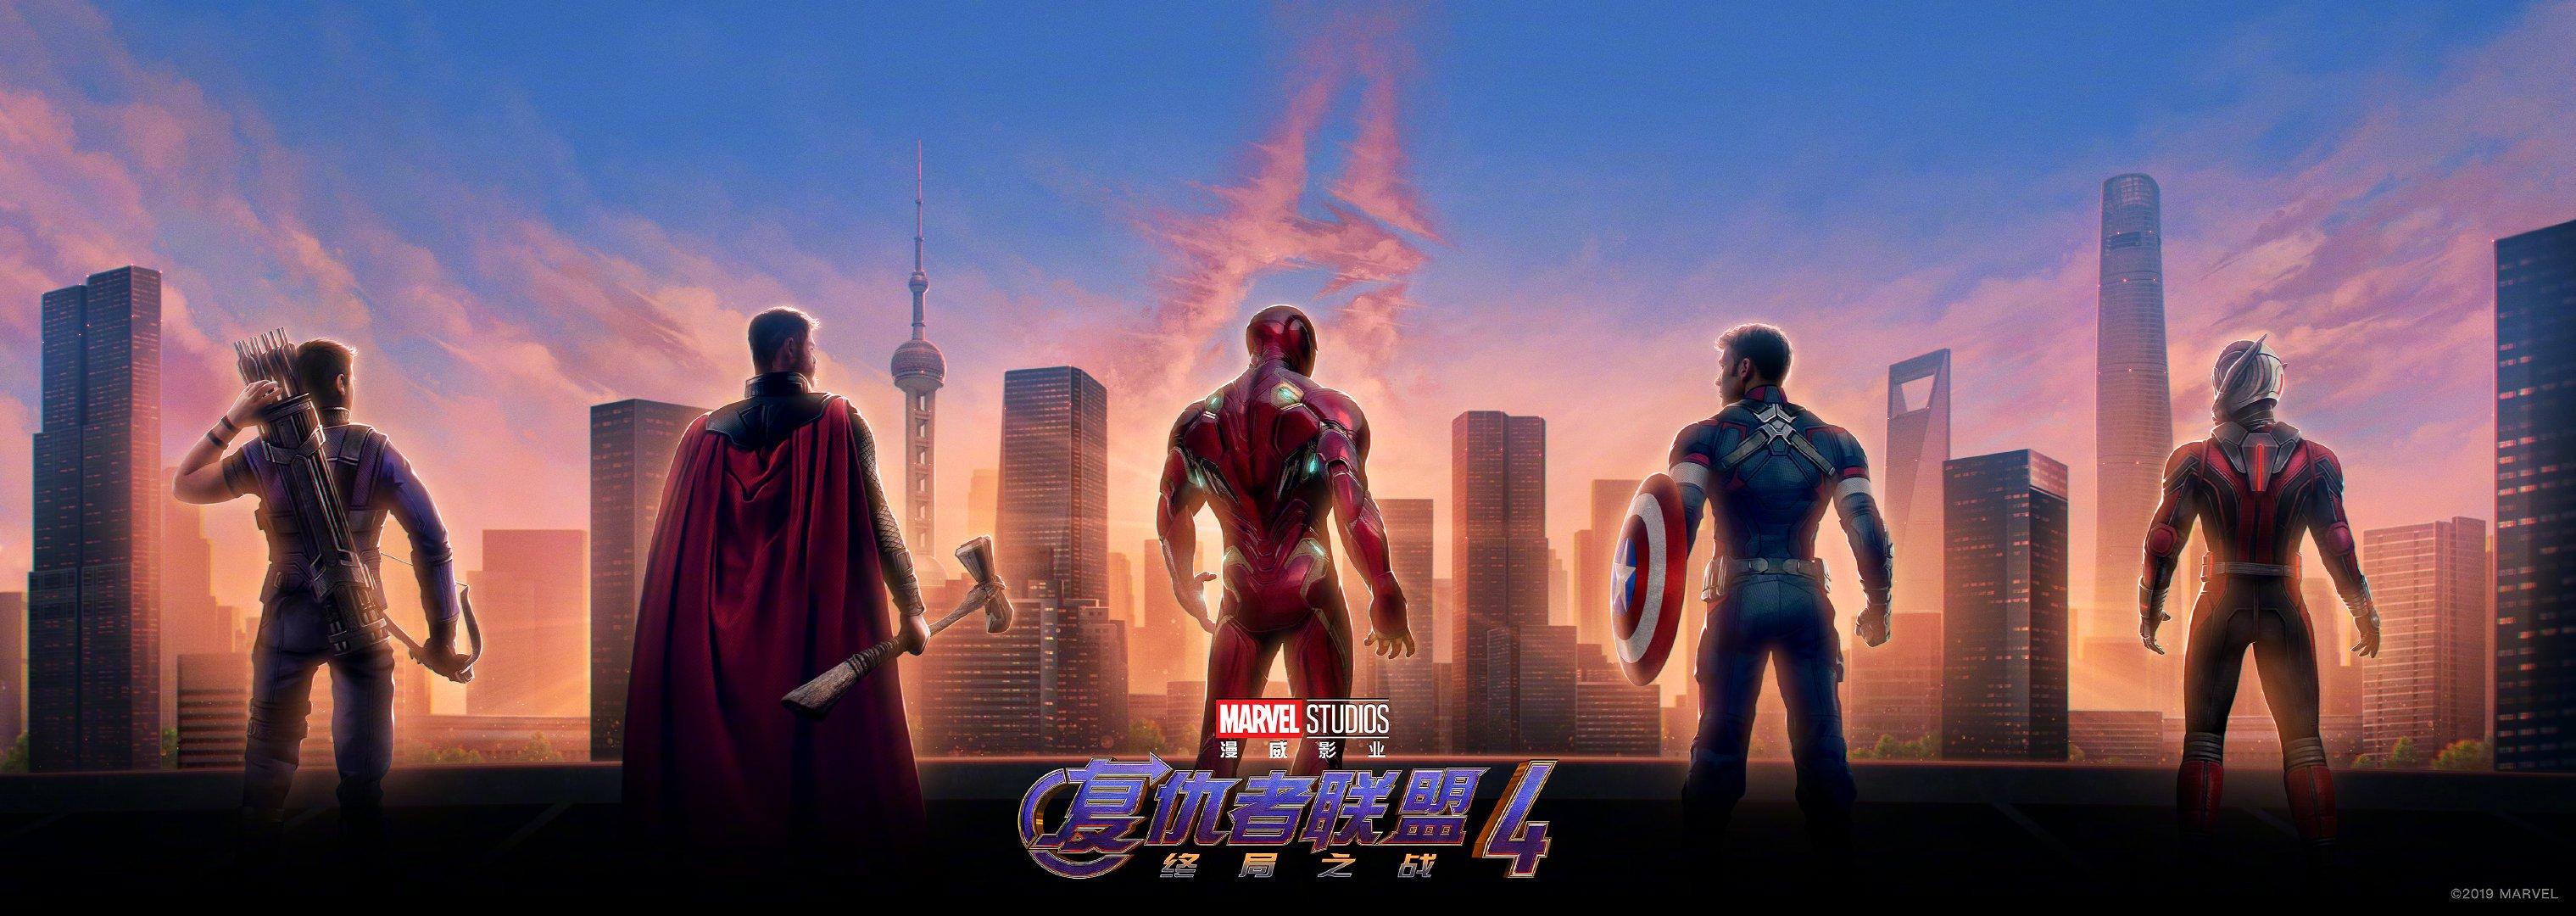 Kết quả hình ảnh cho Avengers: Endgame